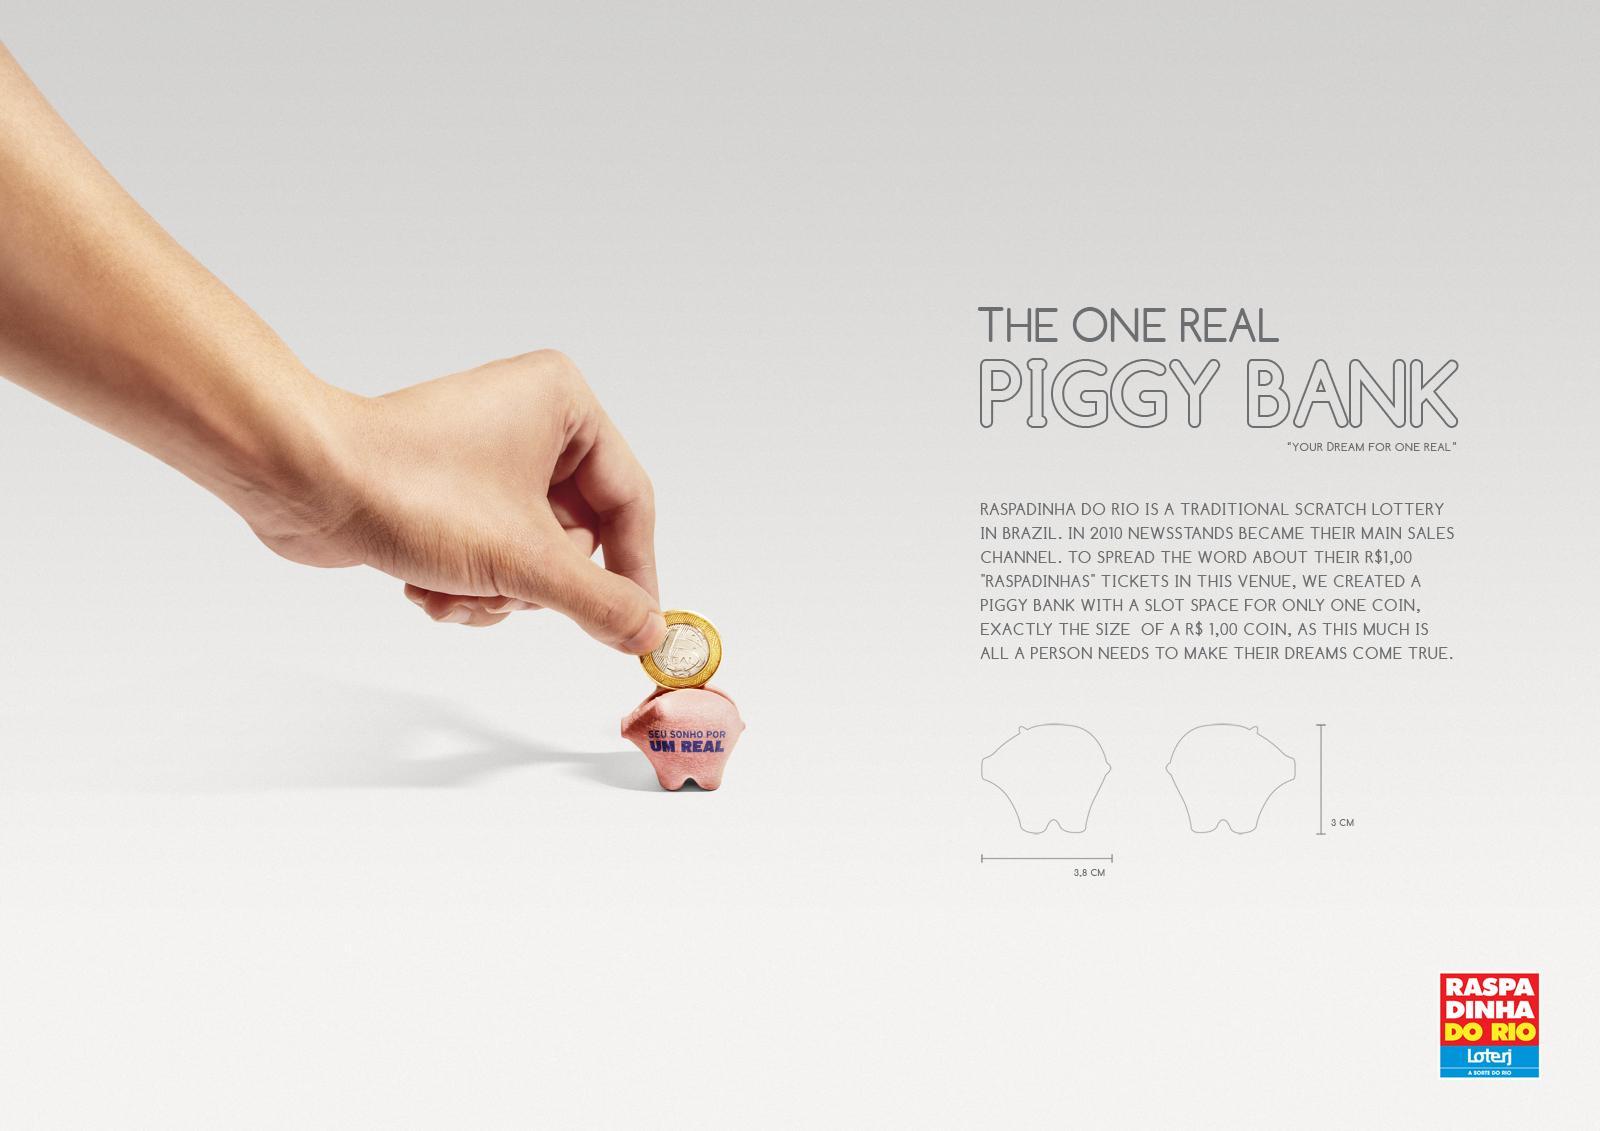 Raspadinha Do Rio Direct Ad -  The One Real Piggy Bank